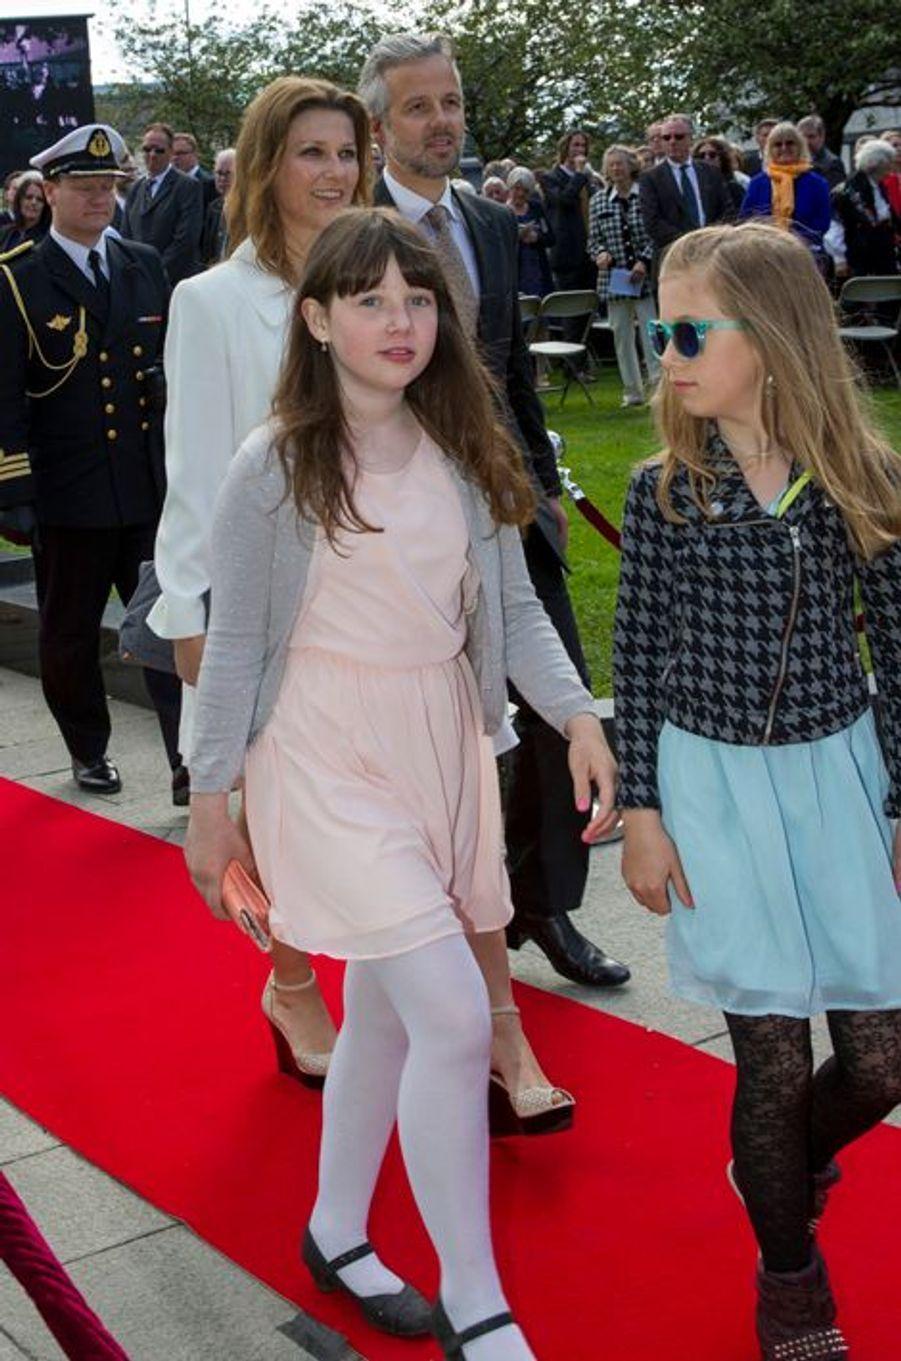 Maud-Angelica et Leah-Isadora, filles de la princesse Martha-Louise de Norvège, à Oslo le 7 juin 2015